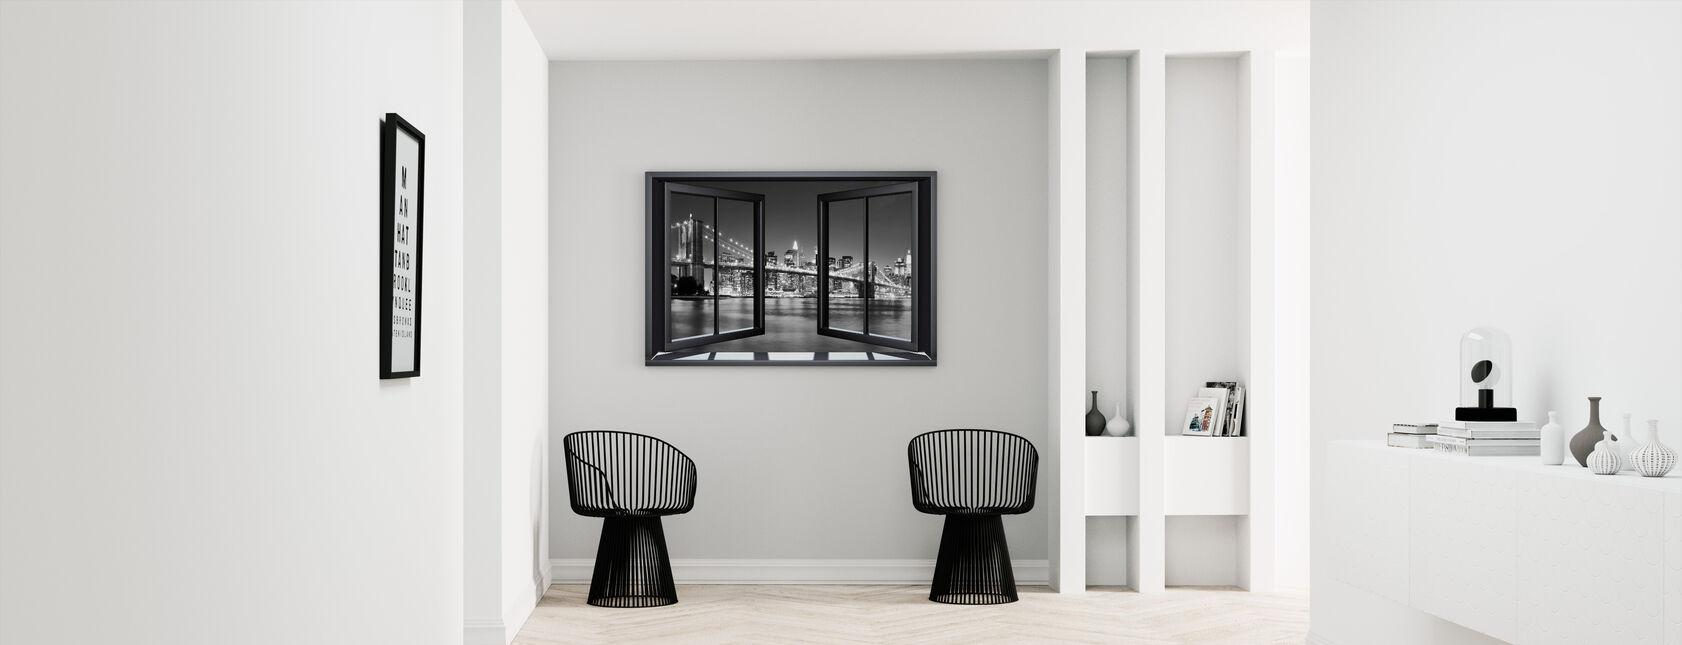 Bright Brooklyn Bridge Through Window - Canvas print - Hallway